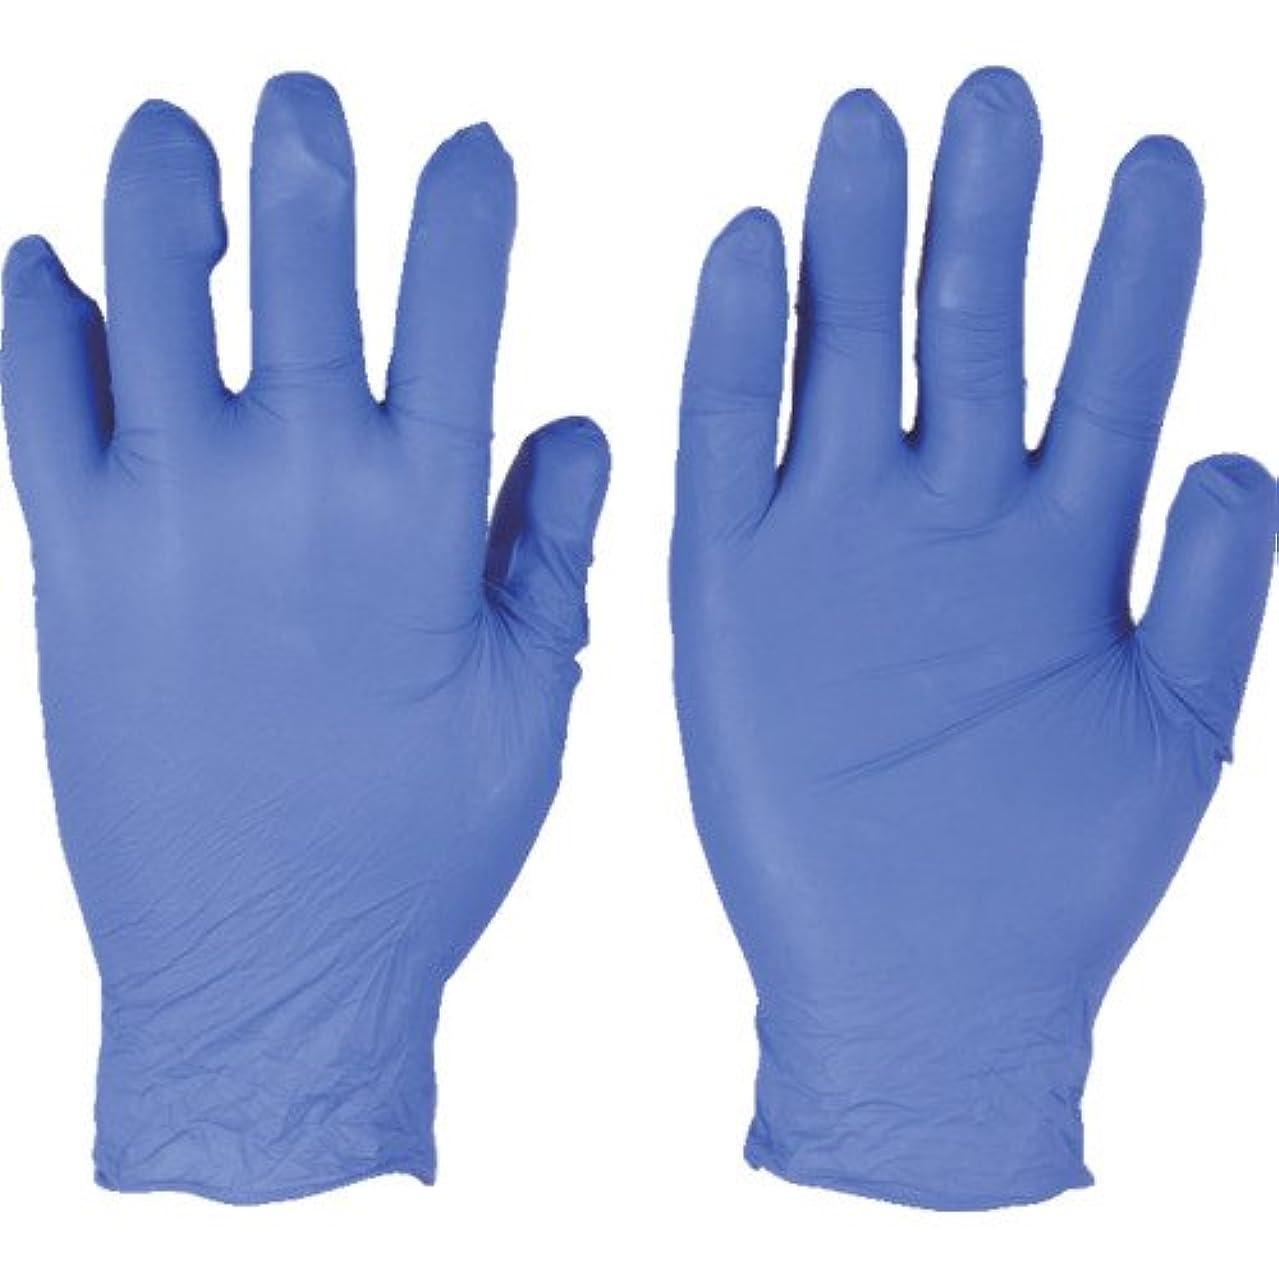 場合香水番号トラスコ中山 アンセル ニトリルゴム使い捨て手袋 エッジ 82-133 Mサイズ(300枚入り)  (300枚入) 821338